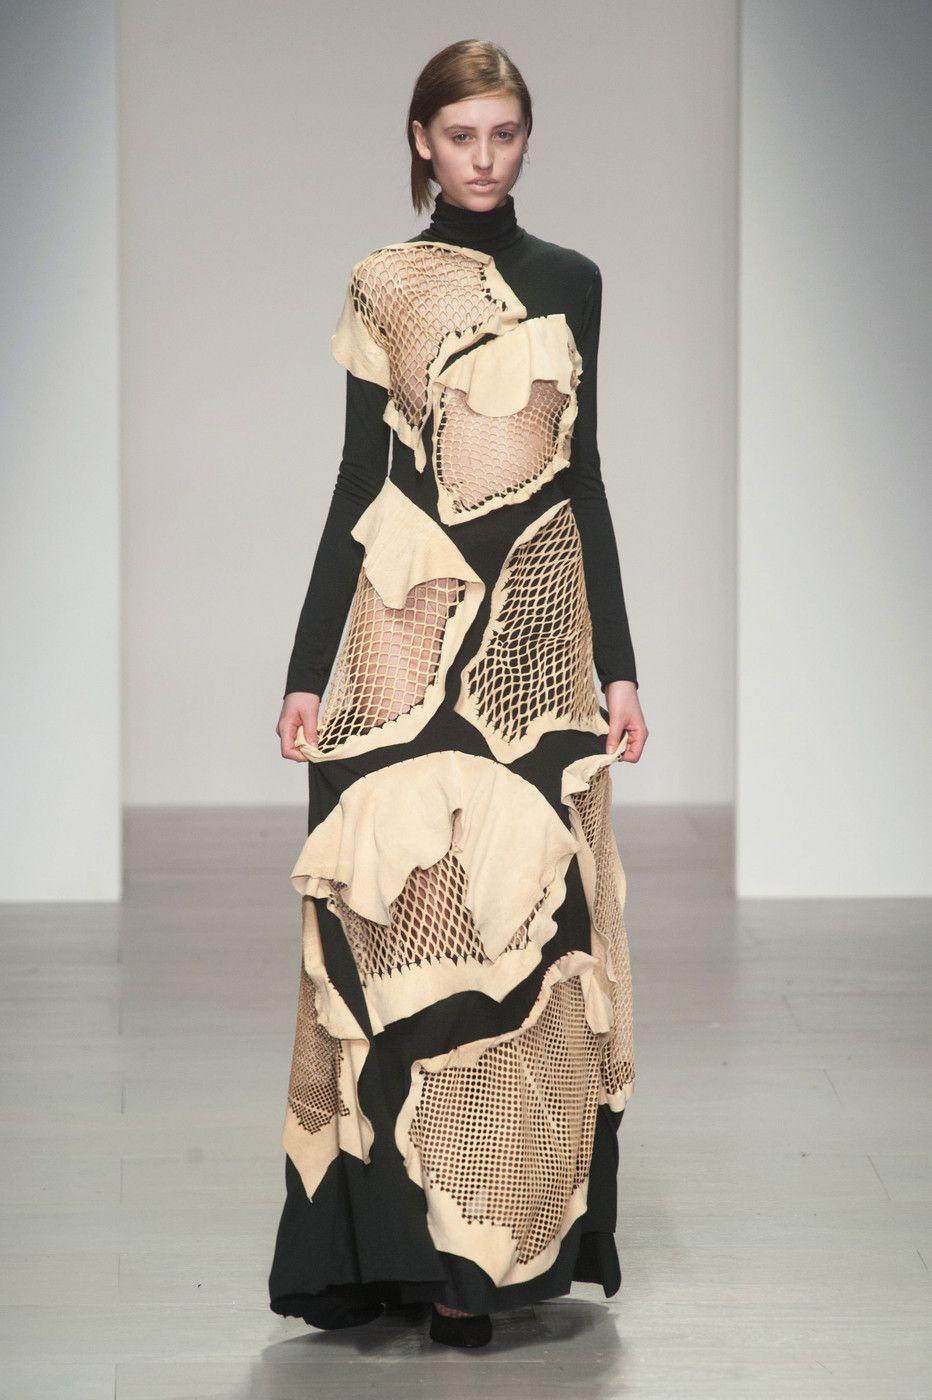 Central Saint Martins at London Fashion Week Fall 2014